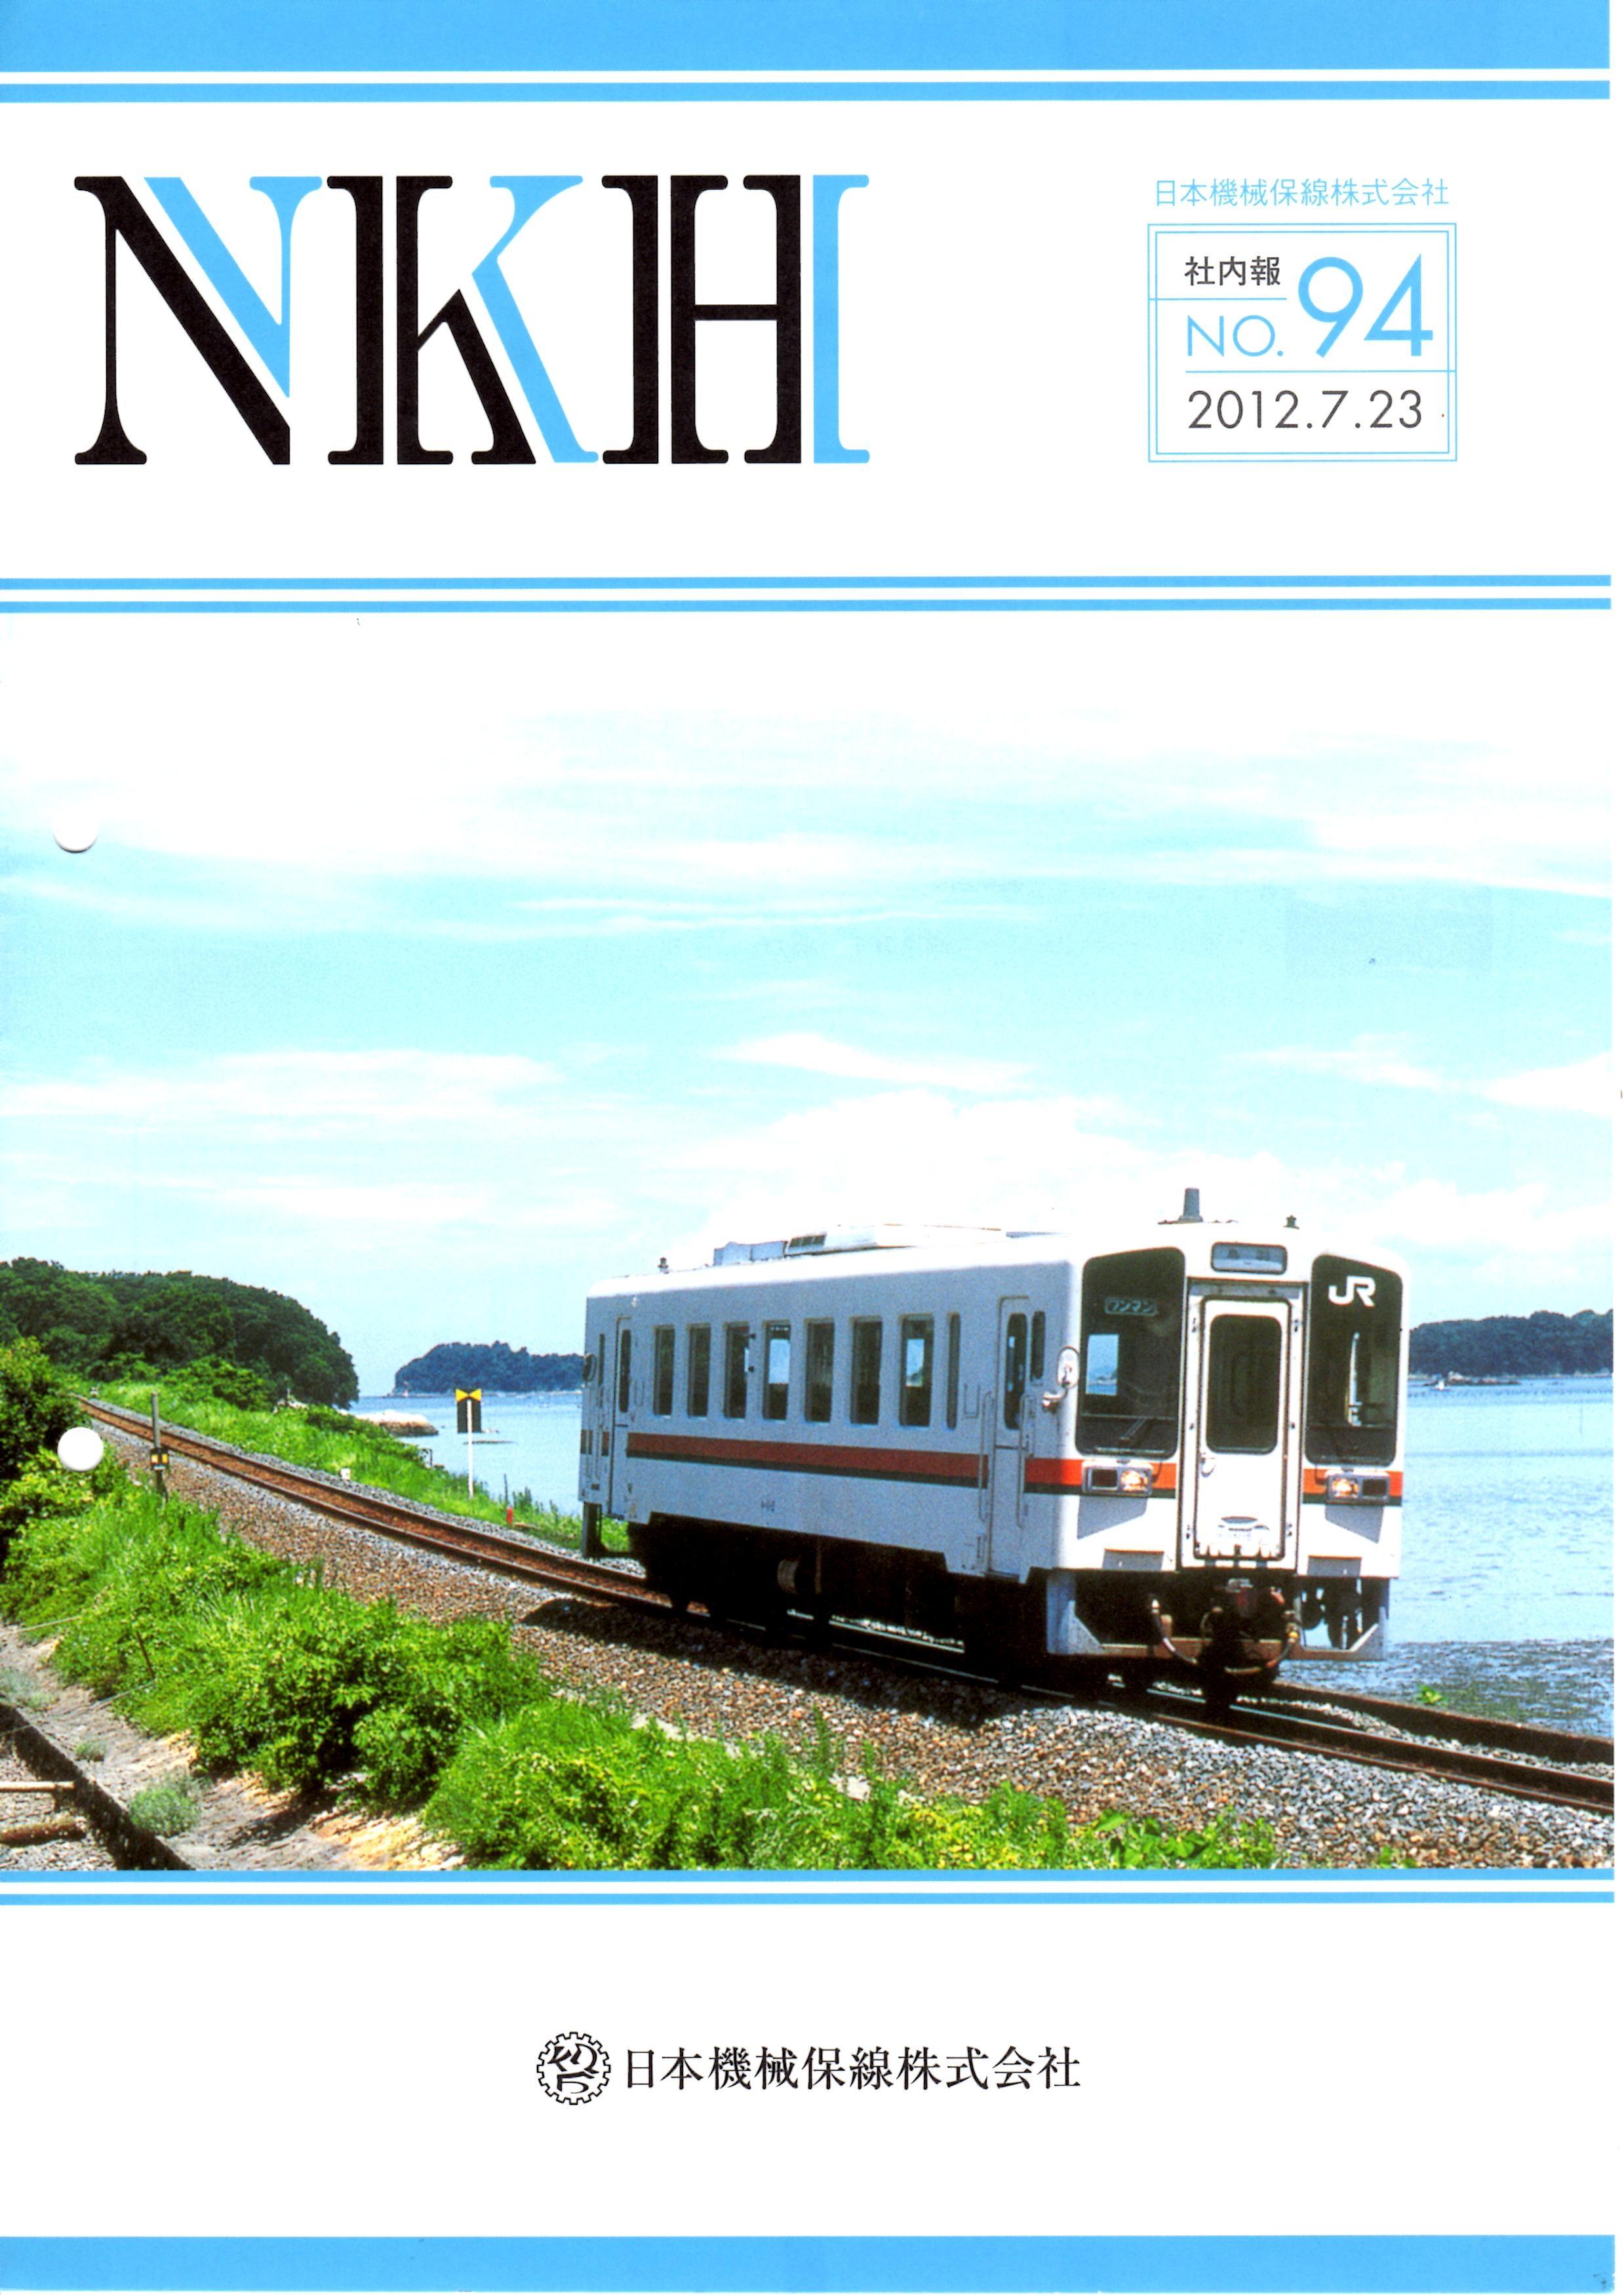 NKH94.jpg